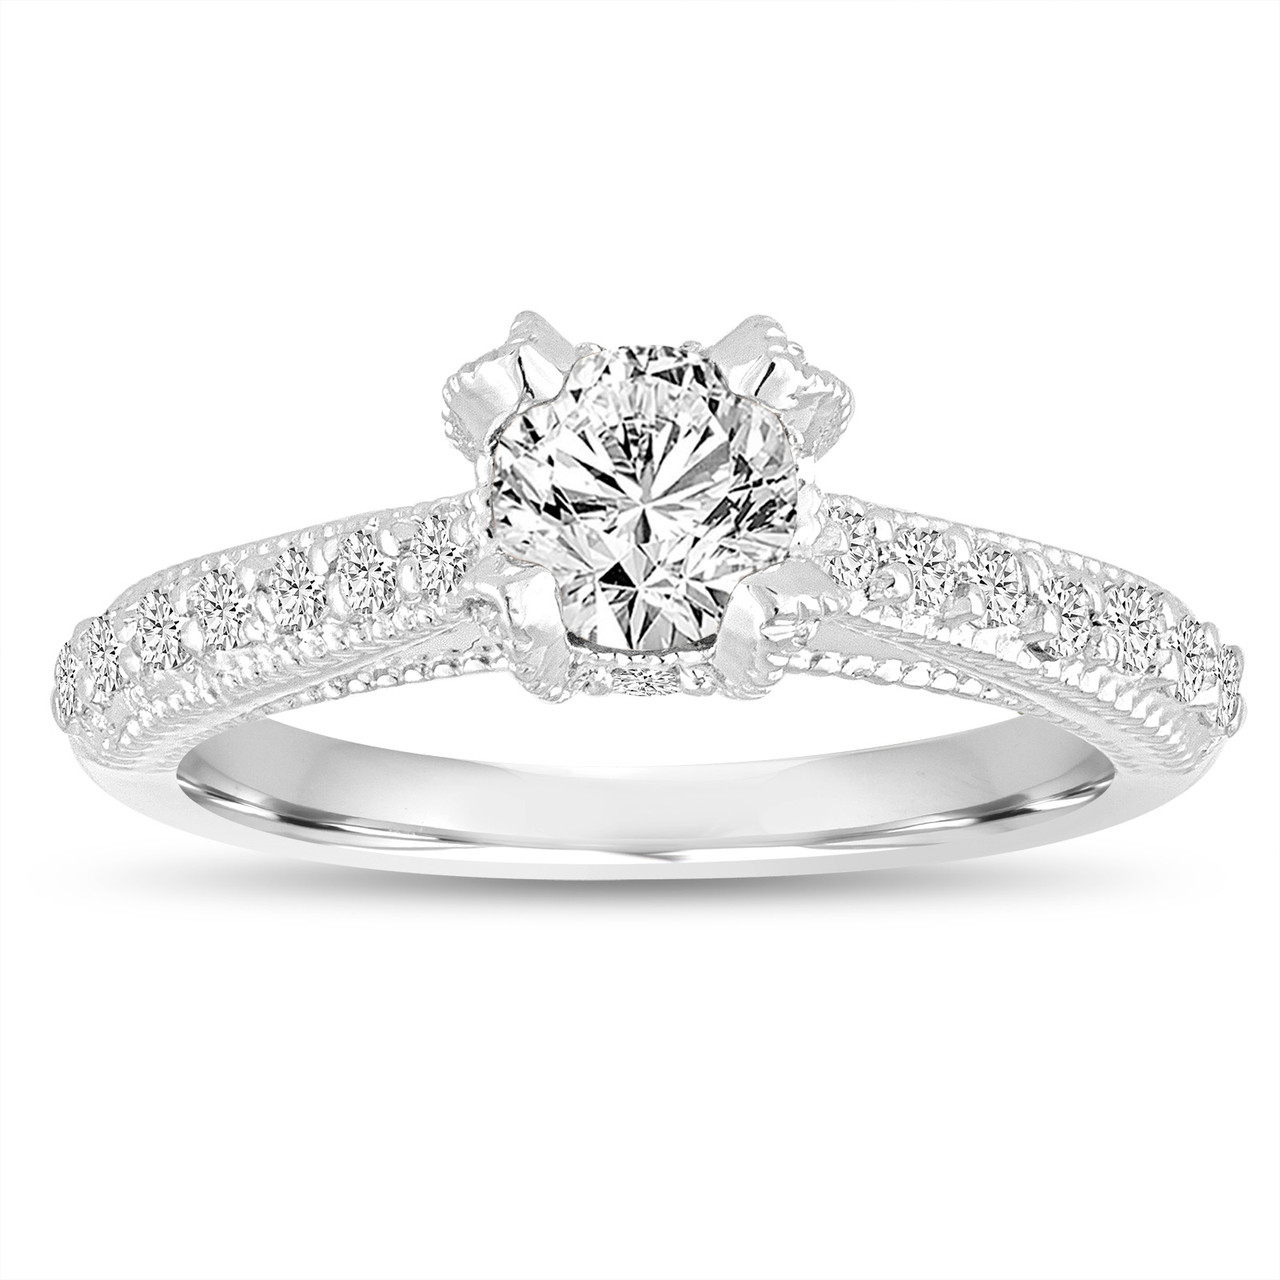 Vintage Style Wedding Rings: 0.82 Carat GIA Diamond Engagement Ring, Wedding Ring 14K